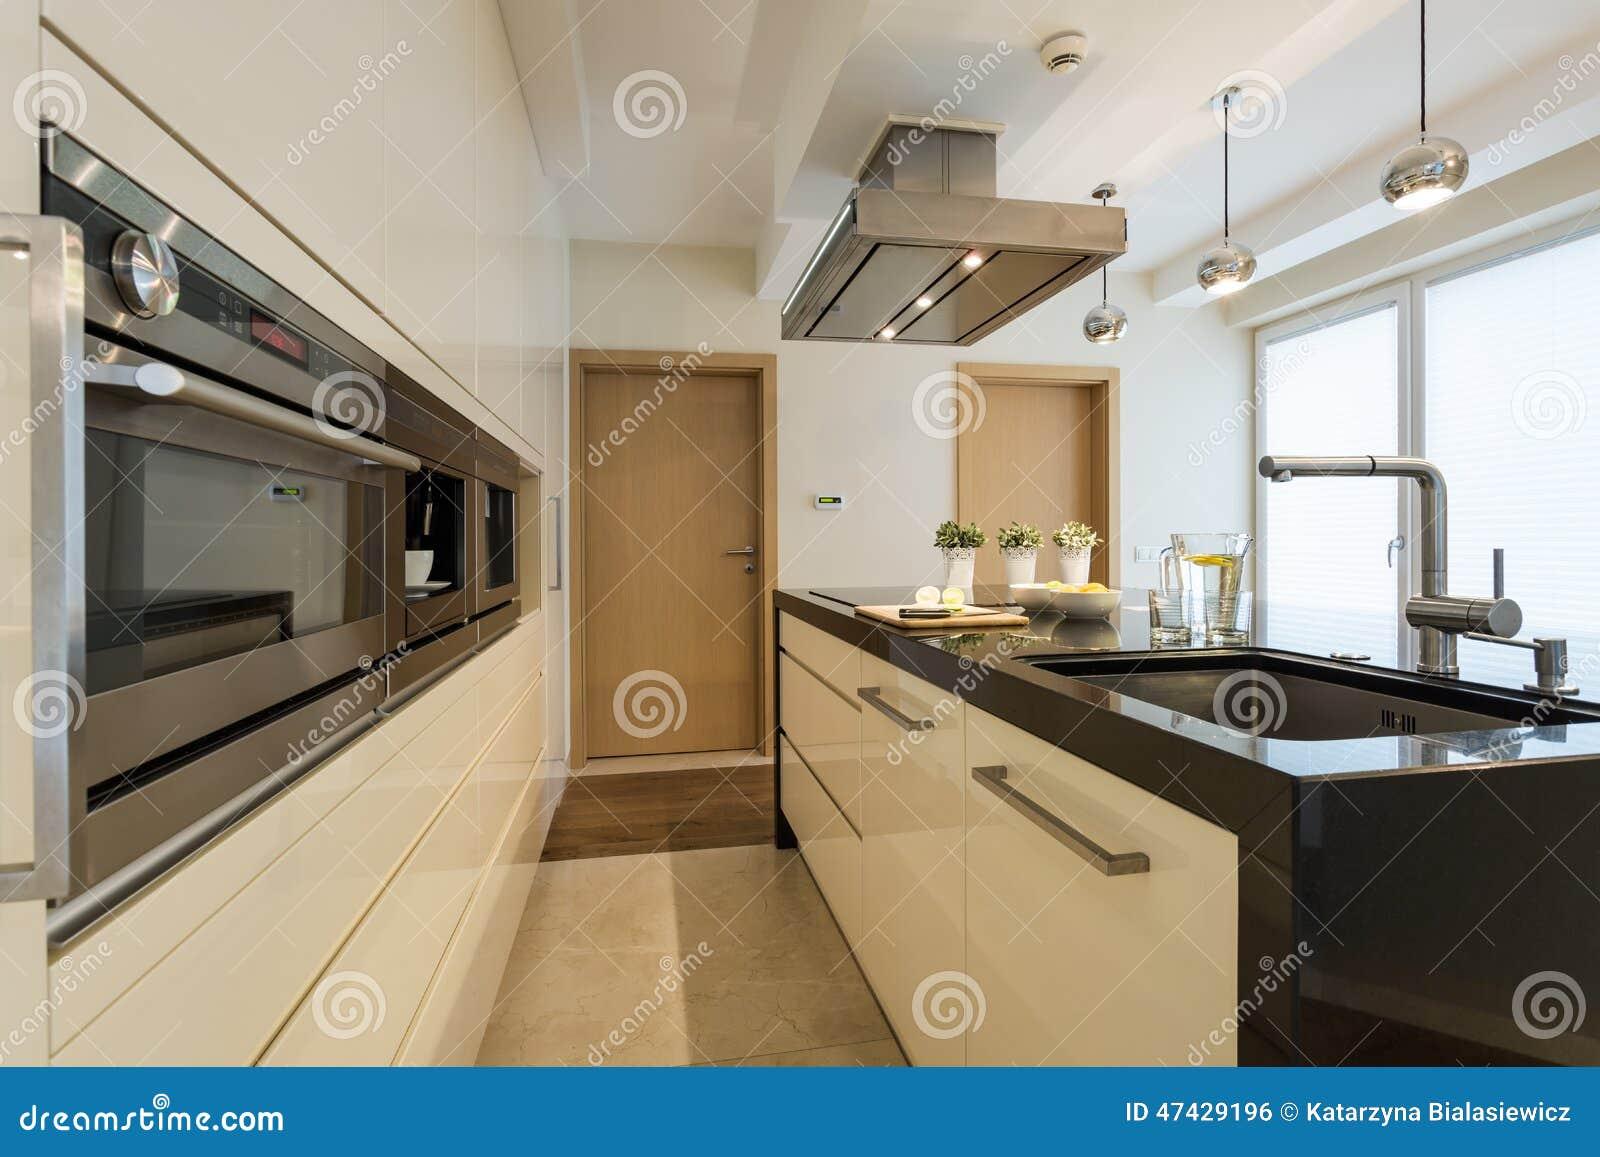 Oven housing unit